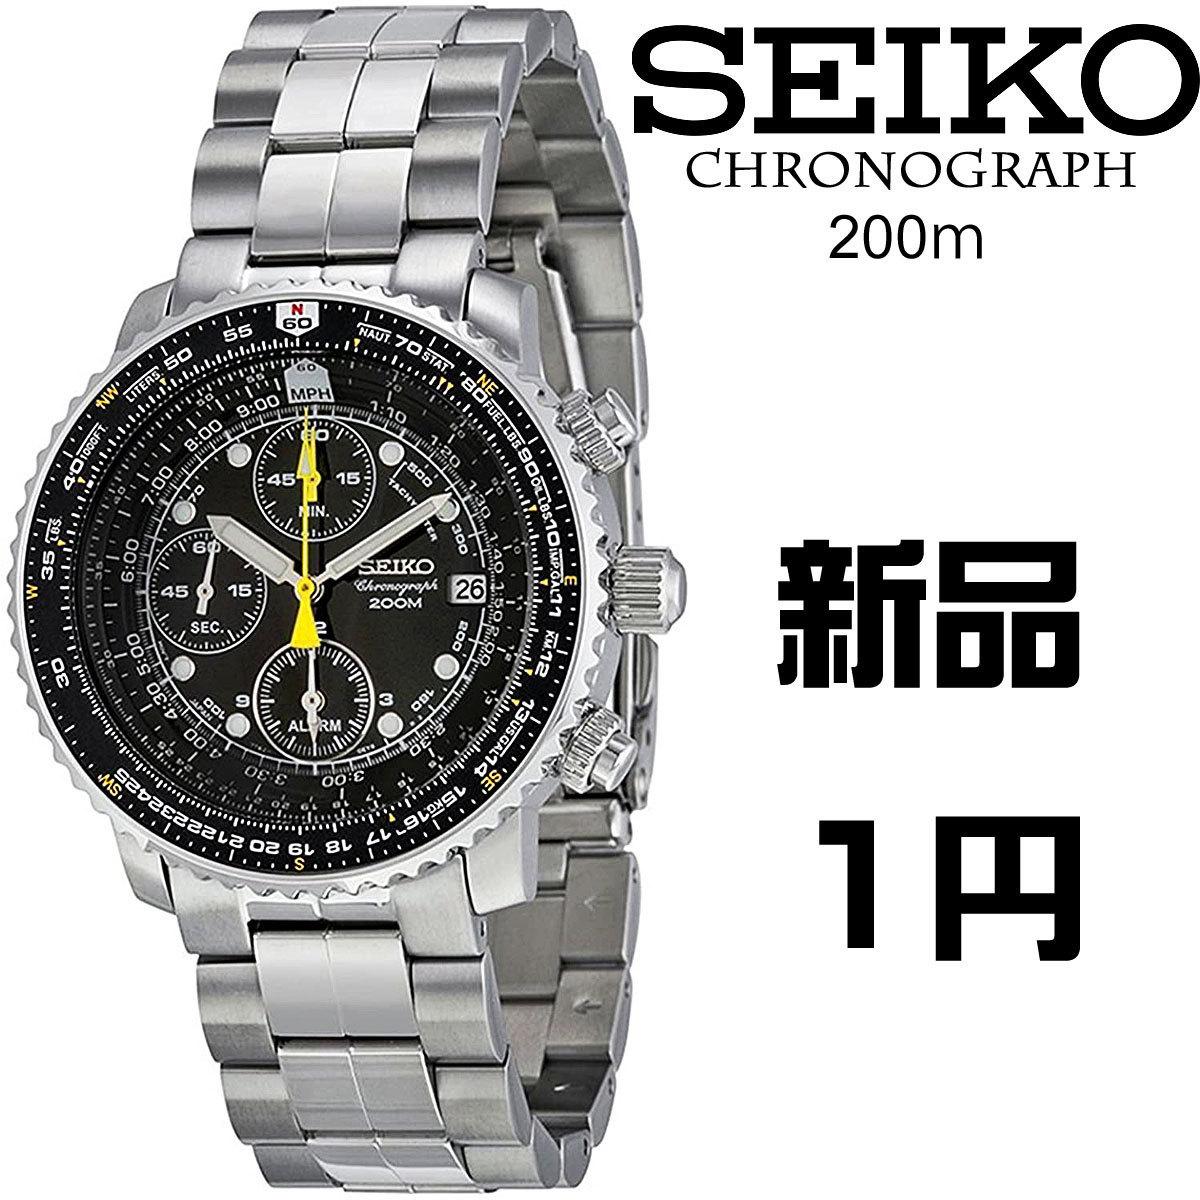 1円開始!逆輸入セイコー200m防水 パイロットクロノグラフ&アラーム 腕時計 メンズ 激レア日本未発売 新品未使用 重厚な質感の上位機種